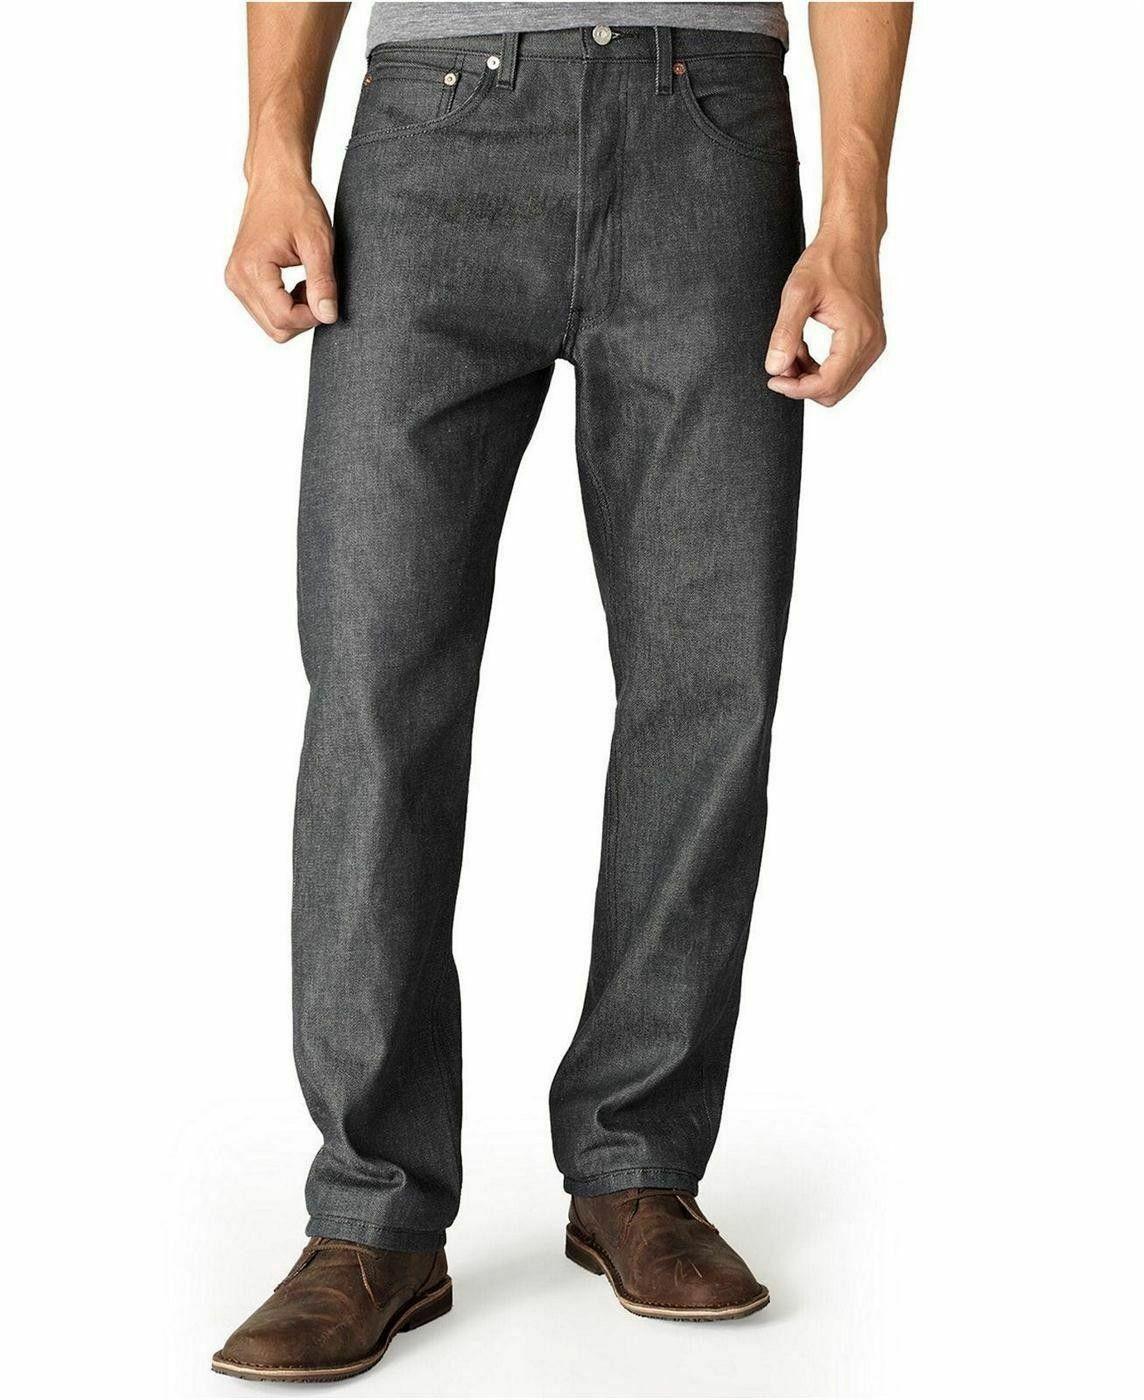 Levi's 501 Men's Original Fit Straight Leg Jeans Button Fly 501-0987